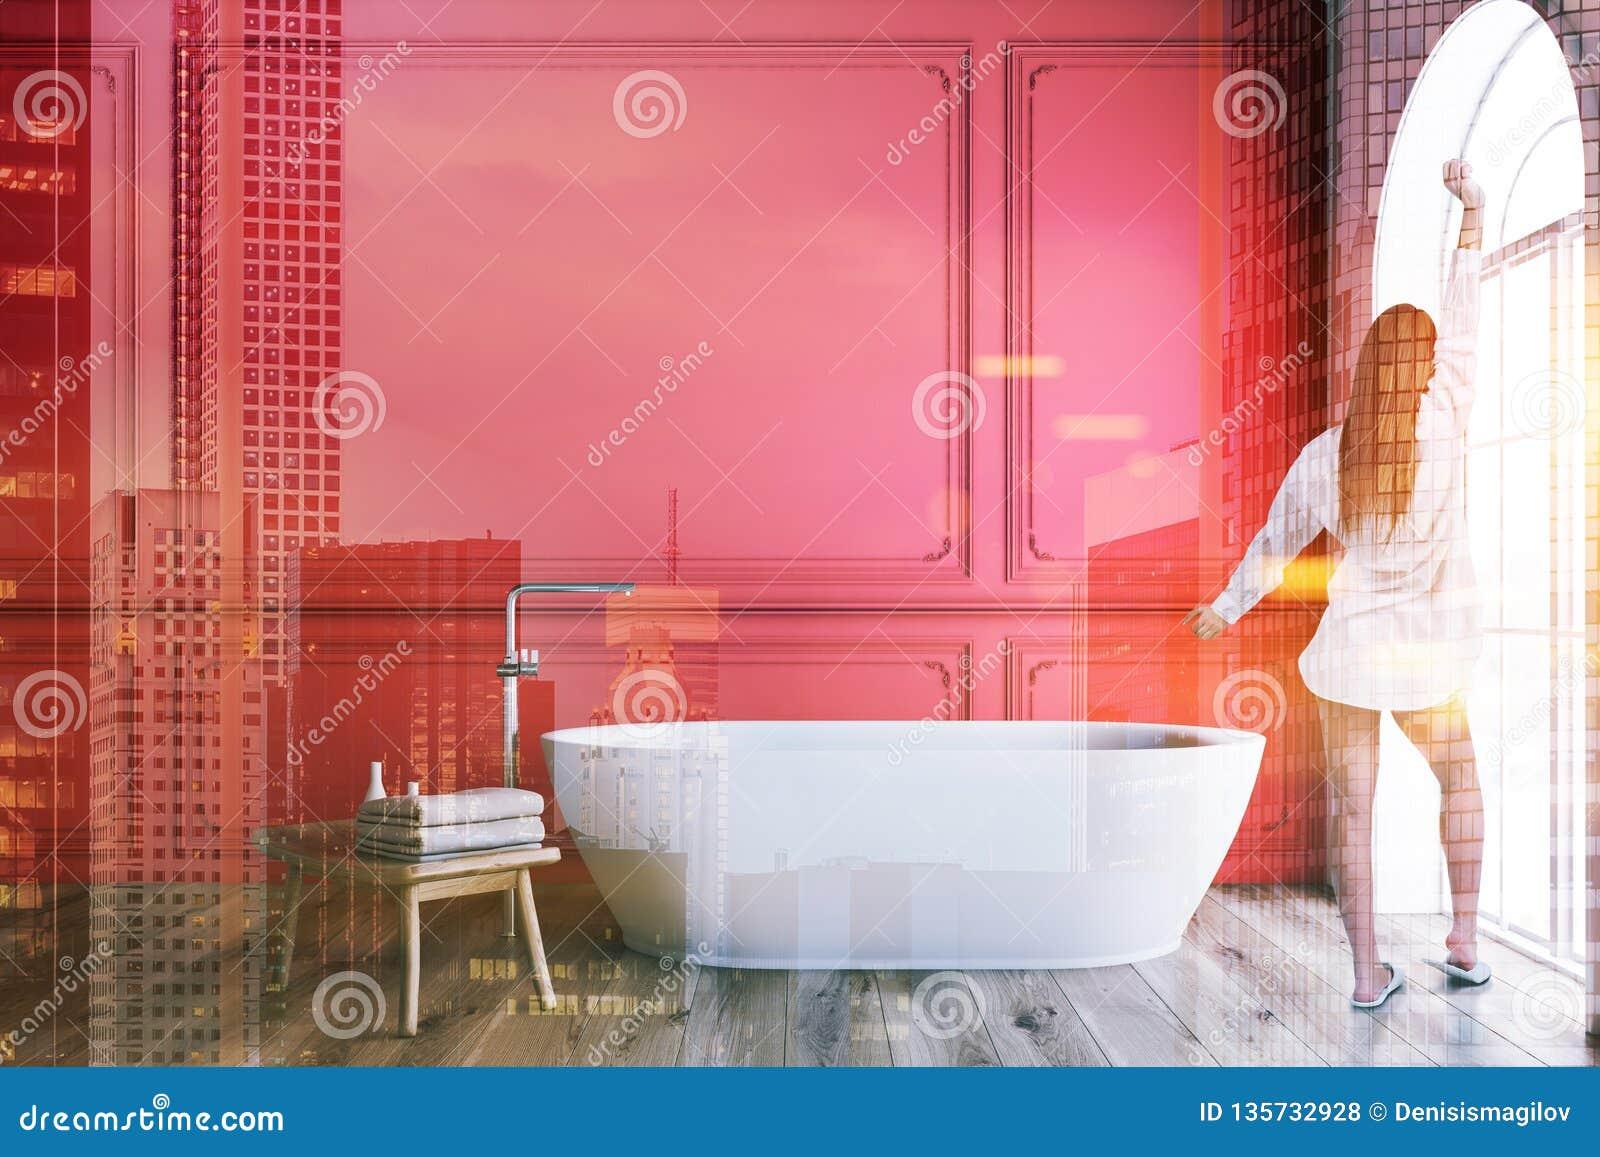 Salle De Bain Rouge Et Blanc intérieur rouge et blanc de salle de bains, baquet, femme